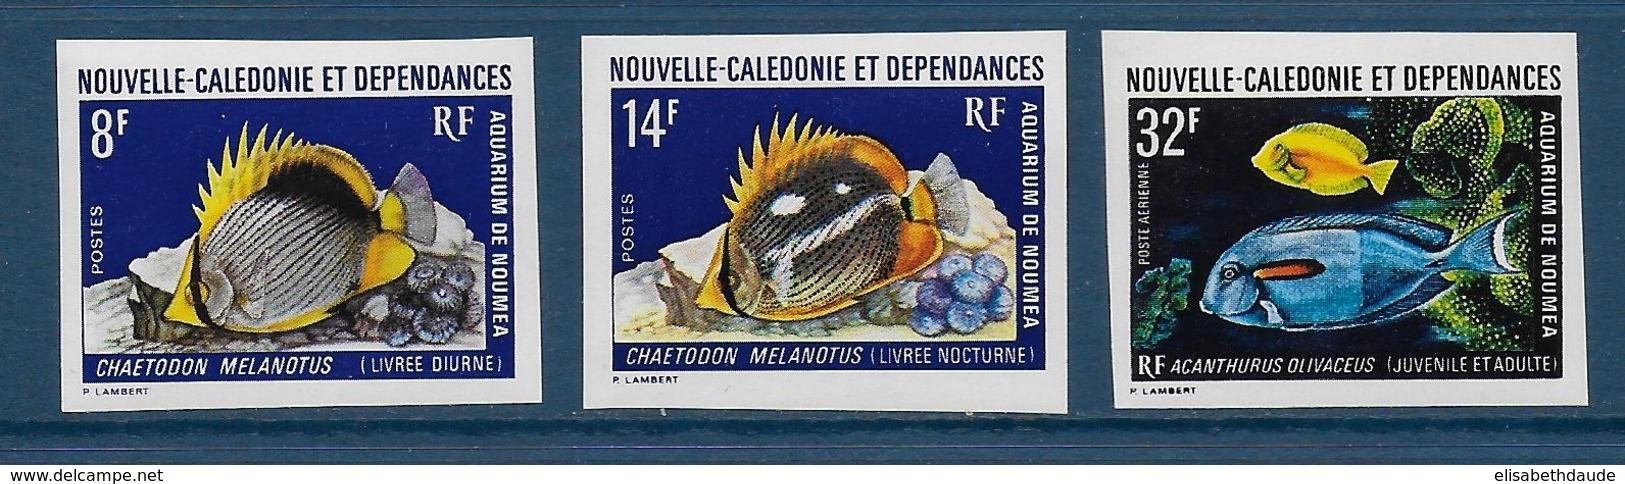 CALEDONIE - YVERT N° 387/388 + PA 145 NON DENTELES ** / MNH - AQUARIUM - Sin Dentar, Pruebas De Impresión Y Variedades